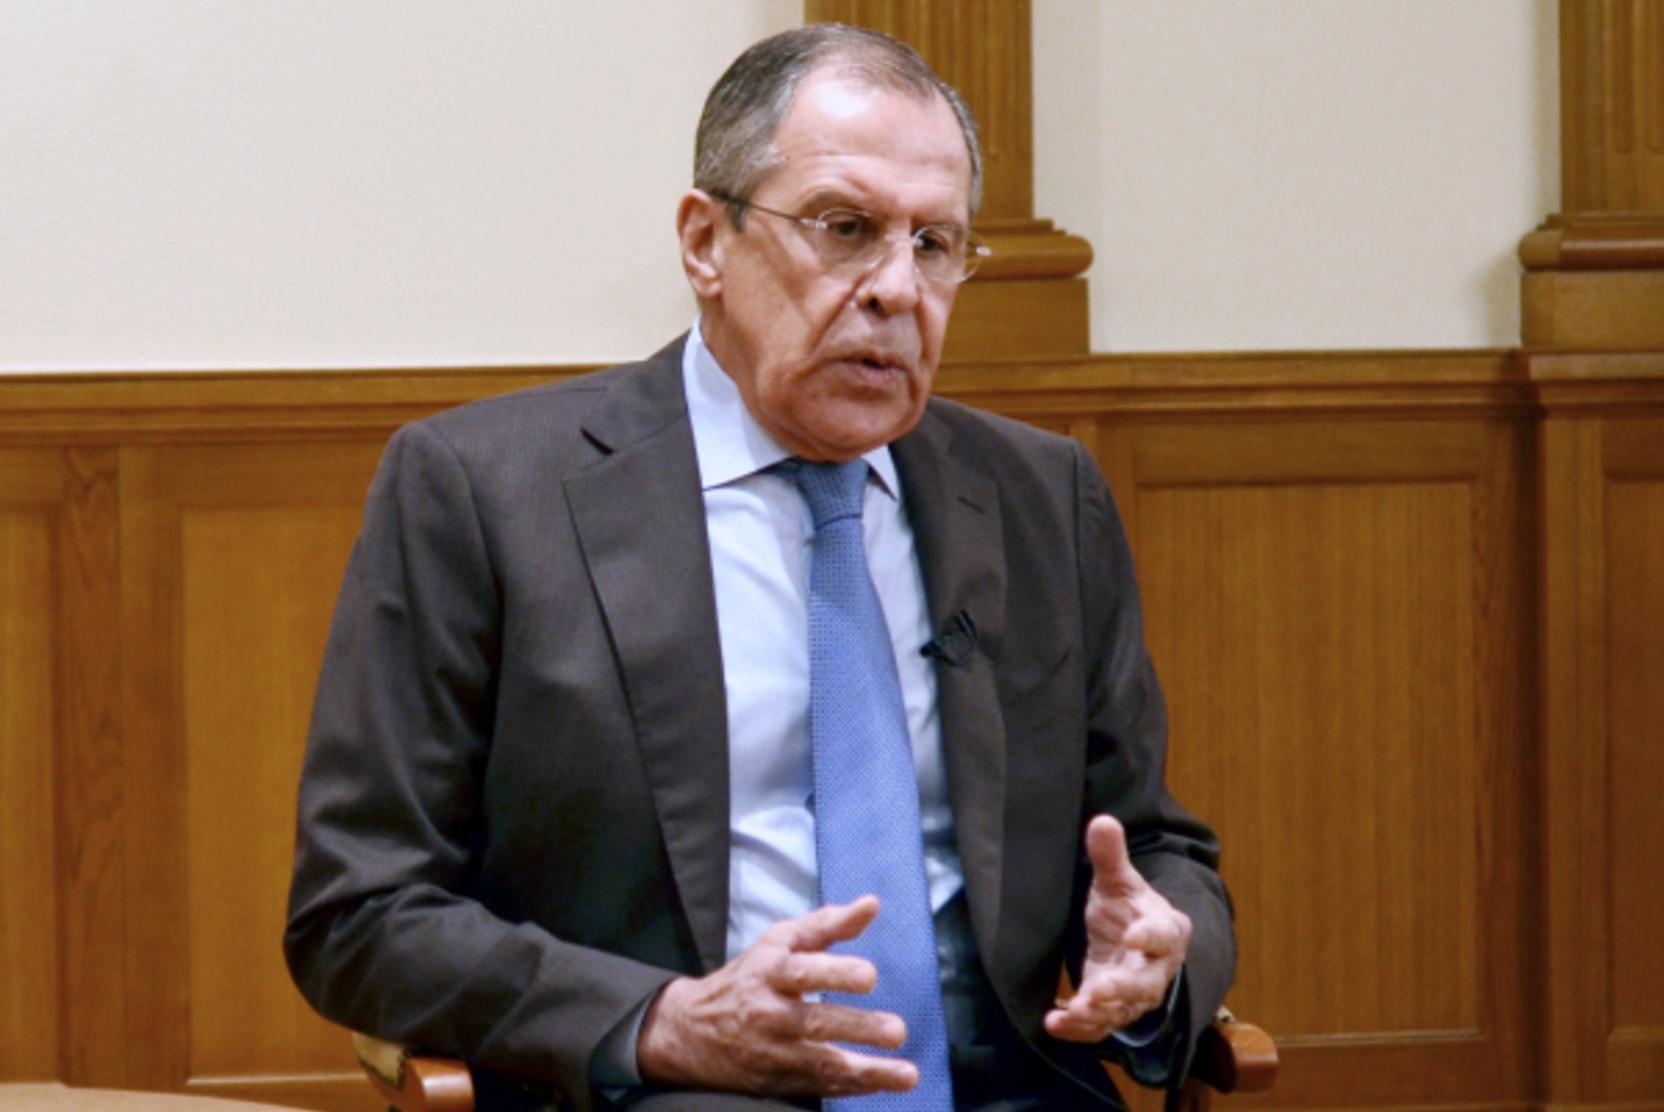 Лавров заявил, что Запад пытается повлиять на выборы в России